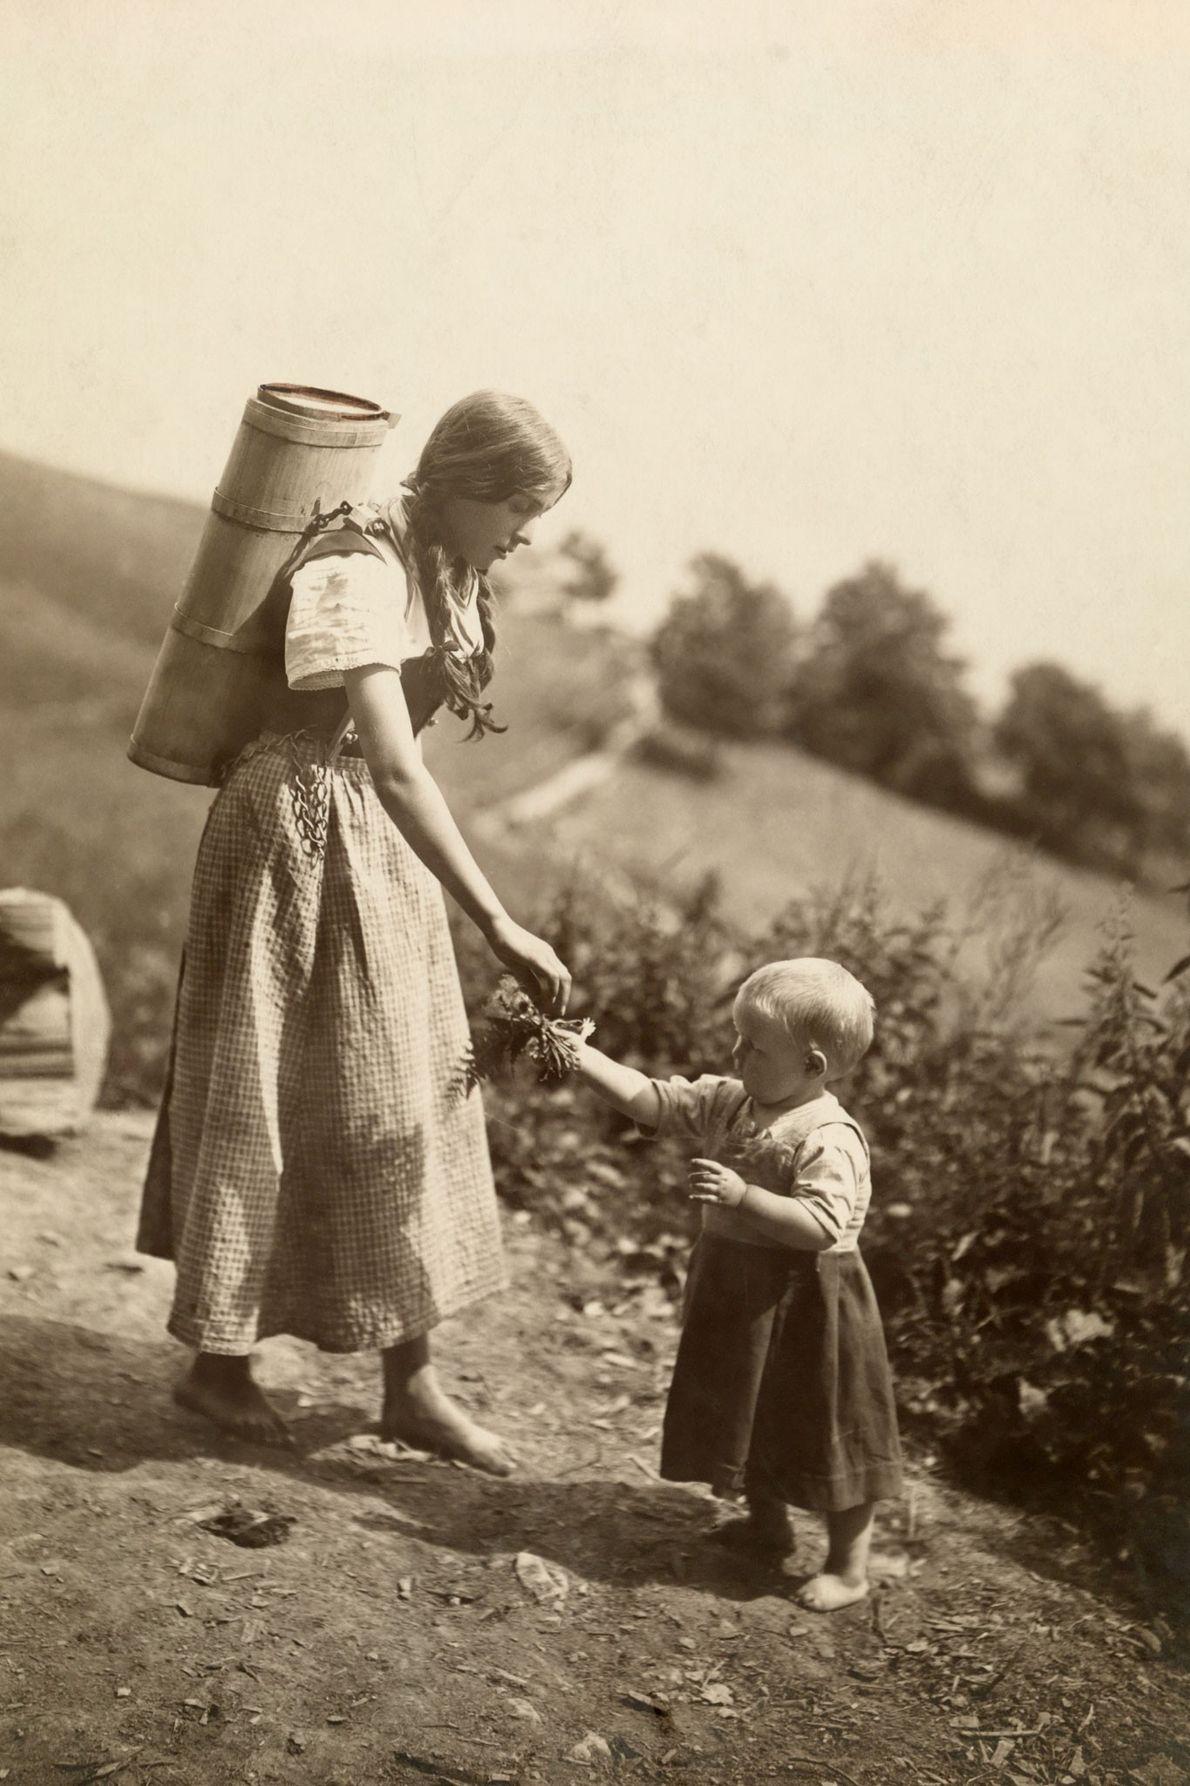 Une mère suisse saisit la main de sa fille, qui lui tend des fleurs.